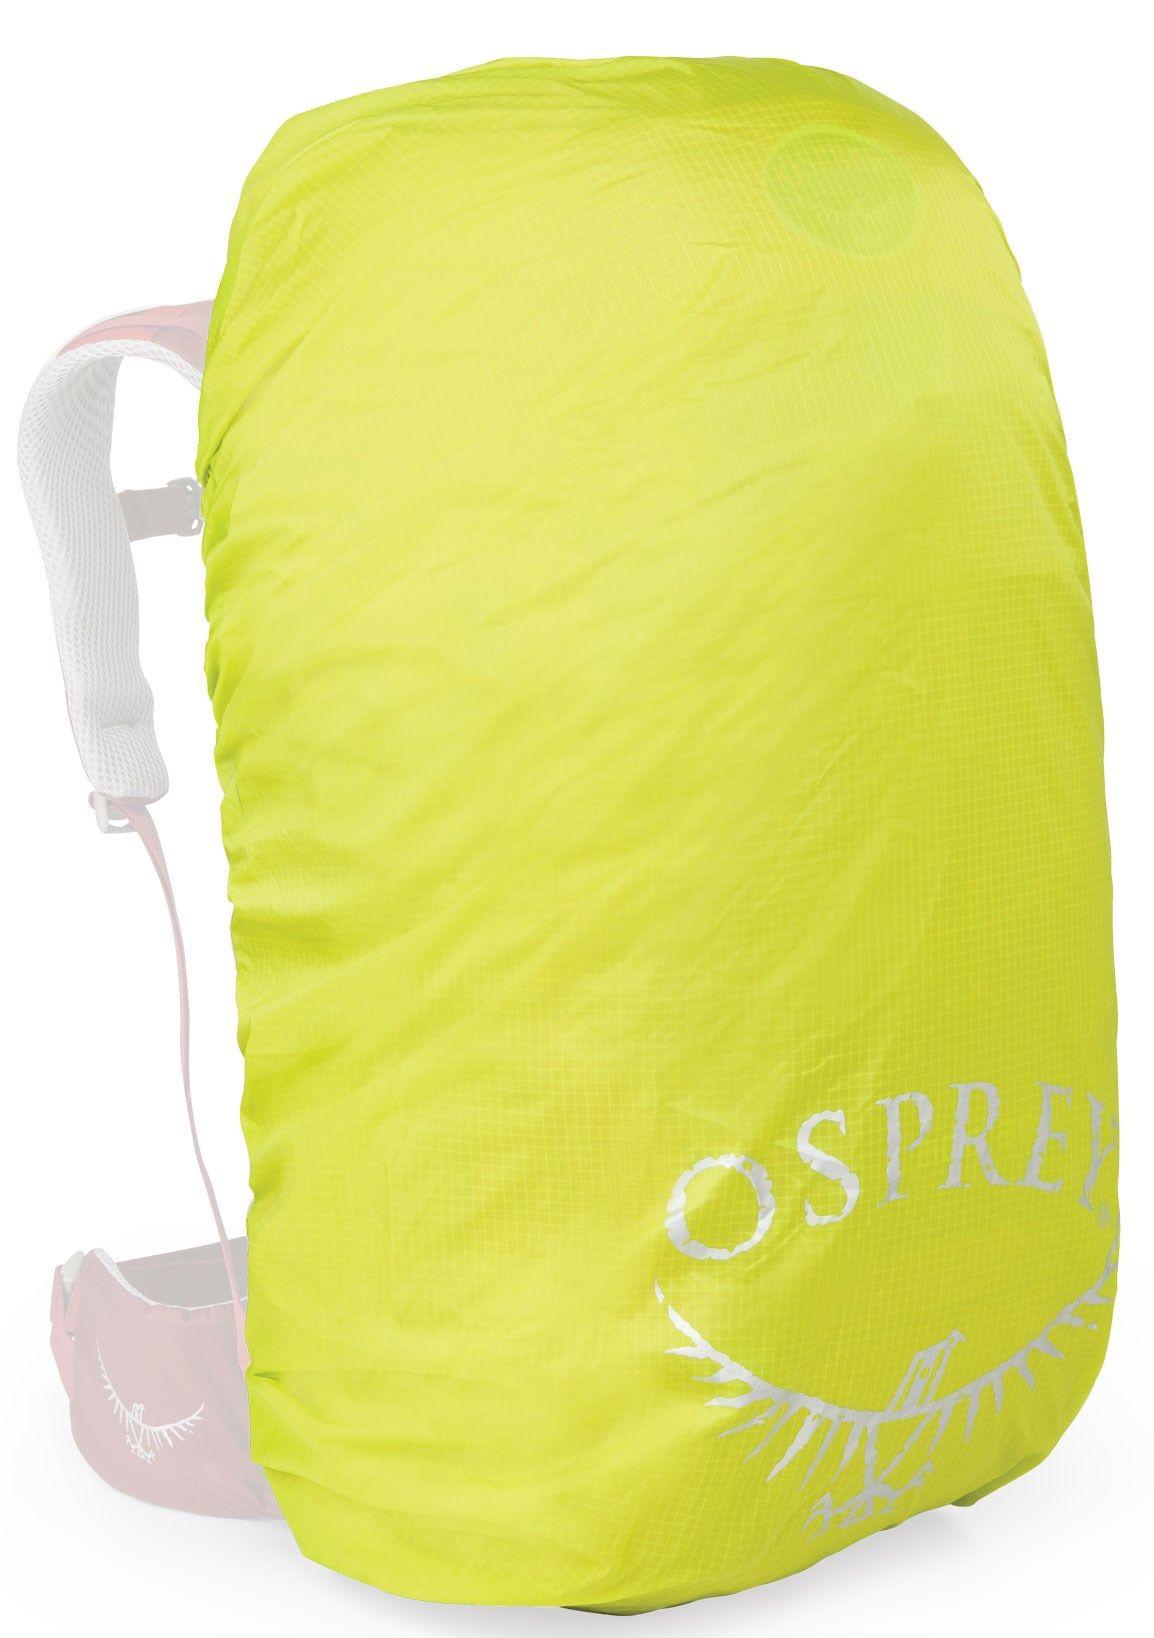 Osprey Ultralight High Vis Raincover S (2